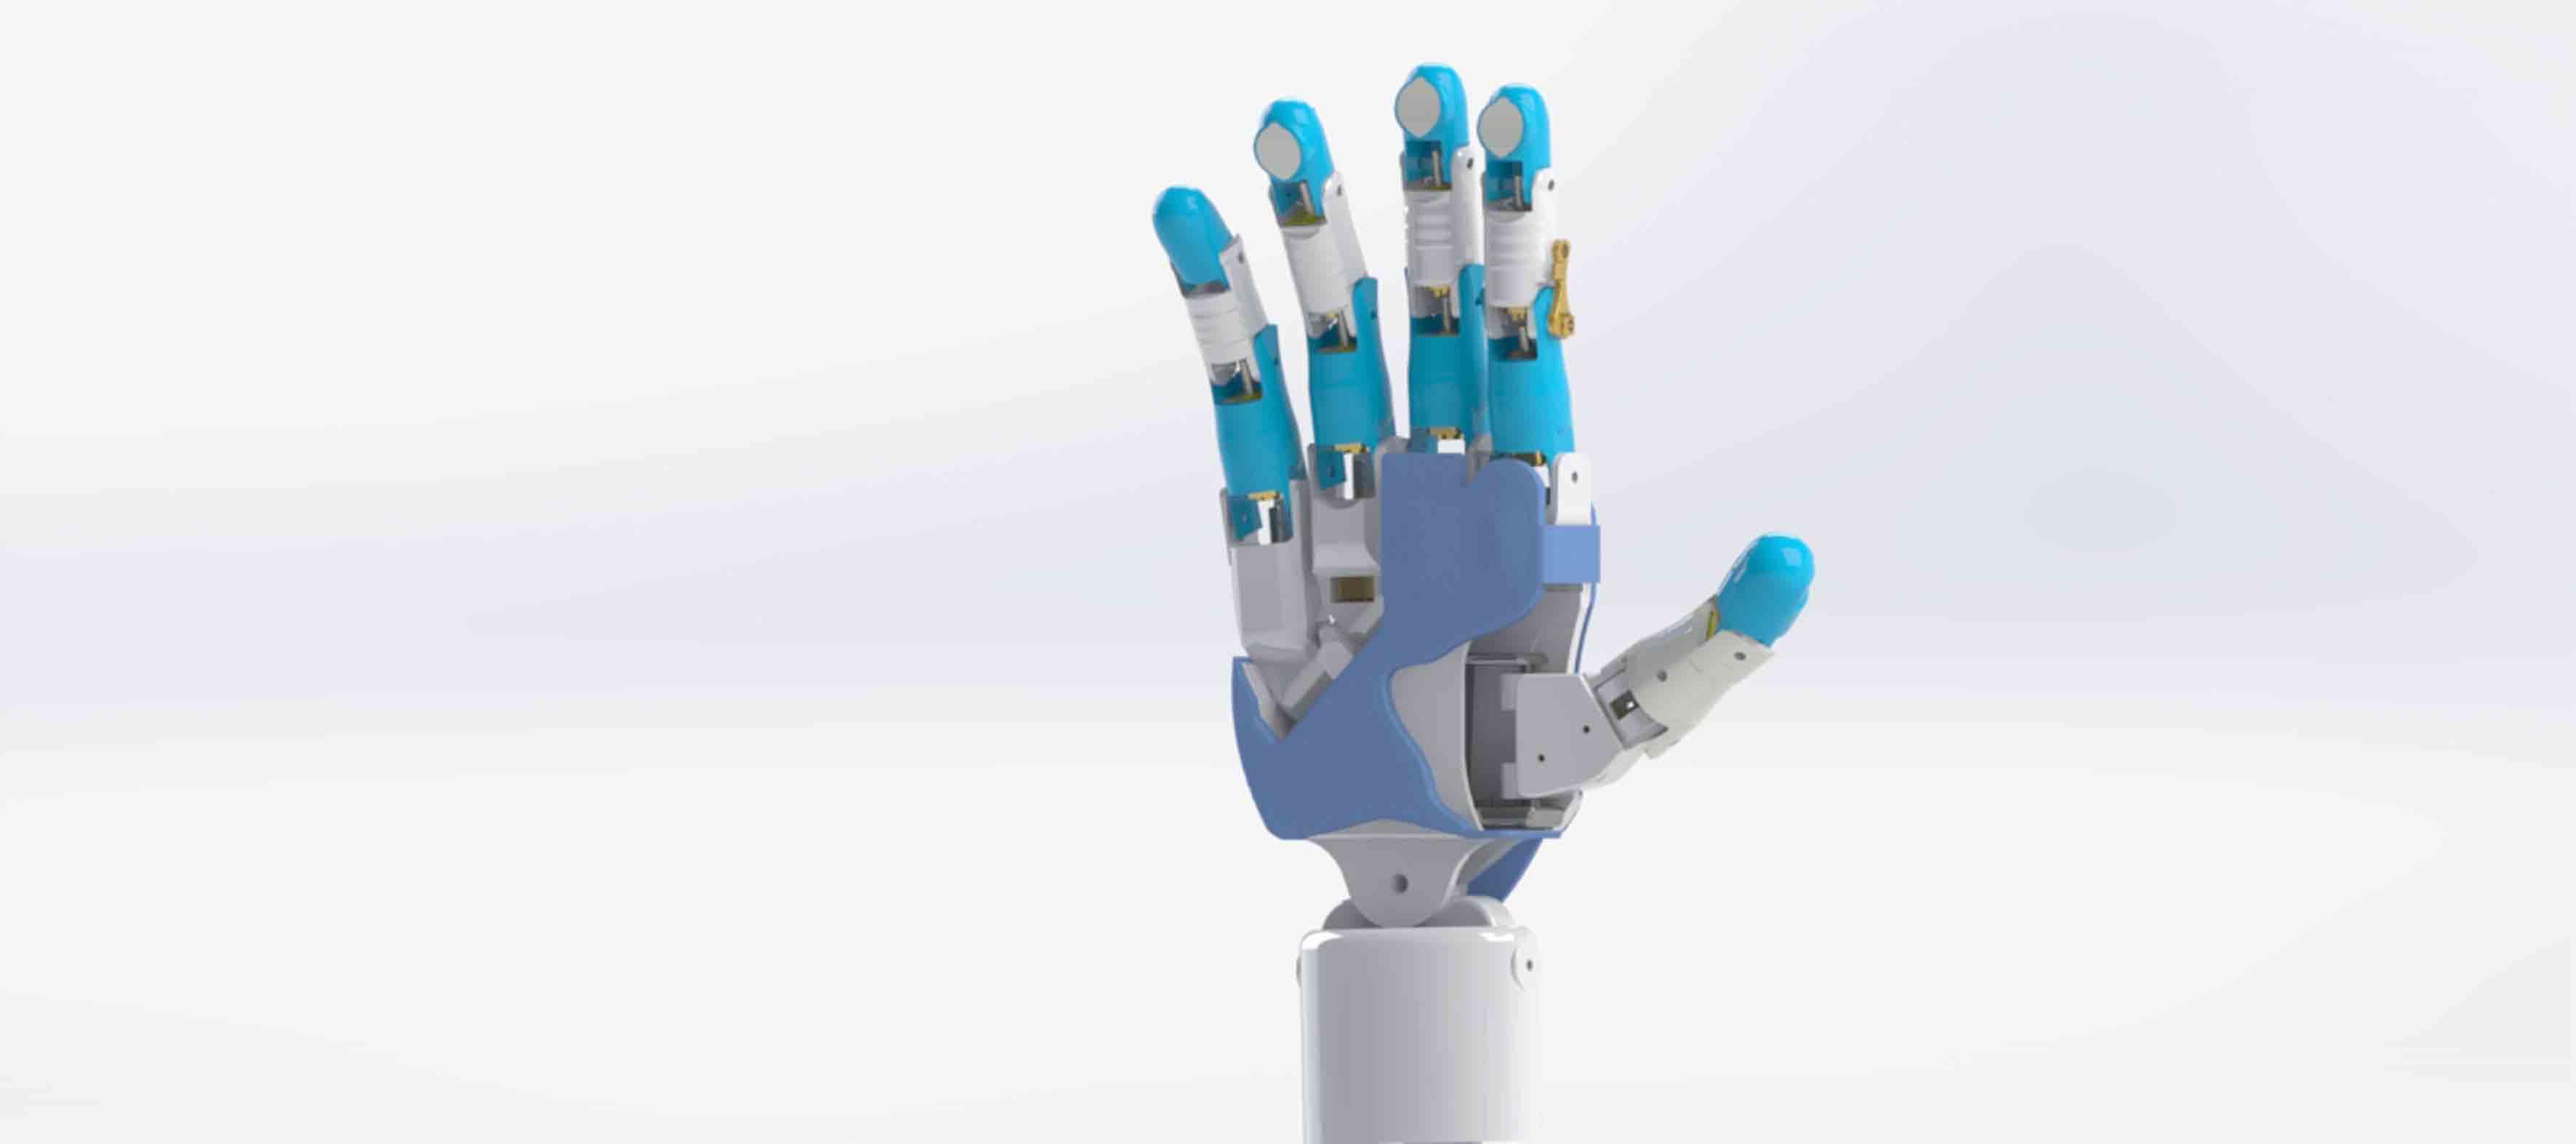 Prótesis robótica de mano para personas con desarticulación de la muñeca diseñada por académicos y estudiantes del CUCEI.